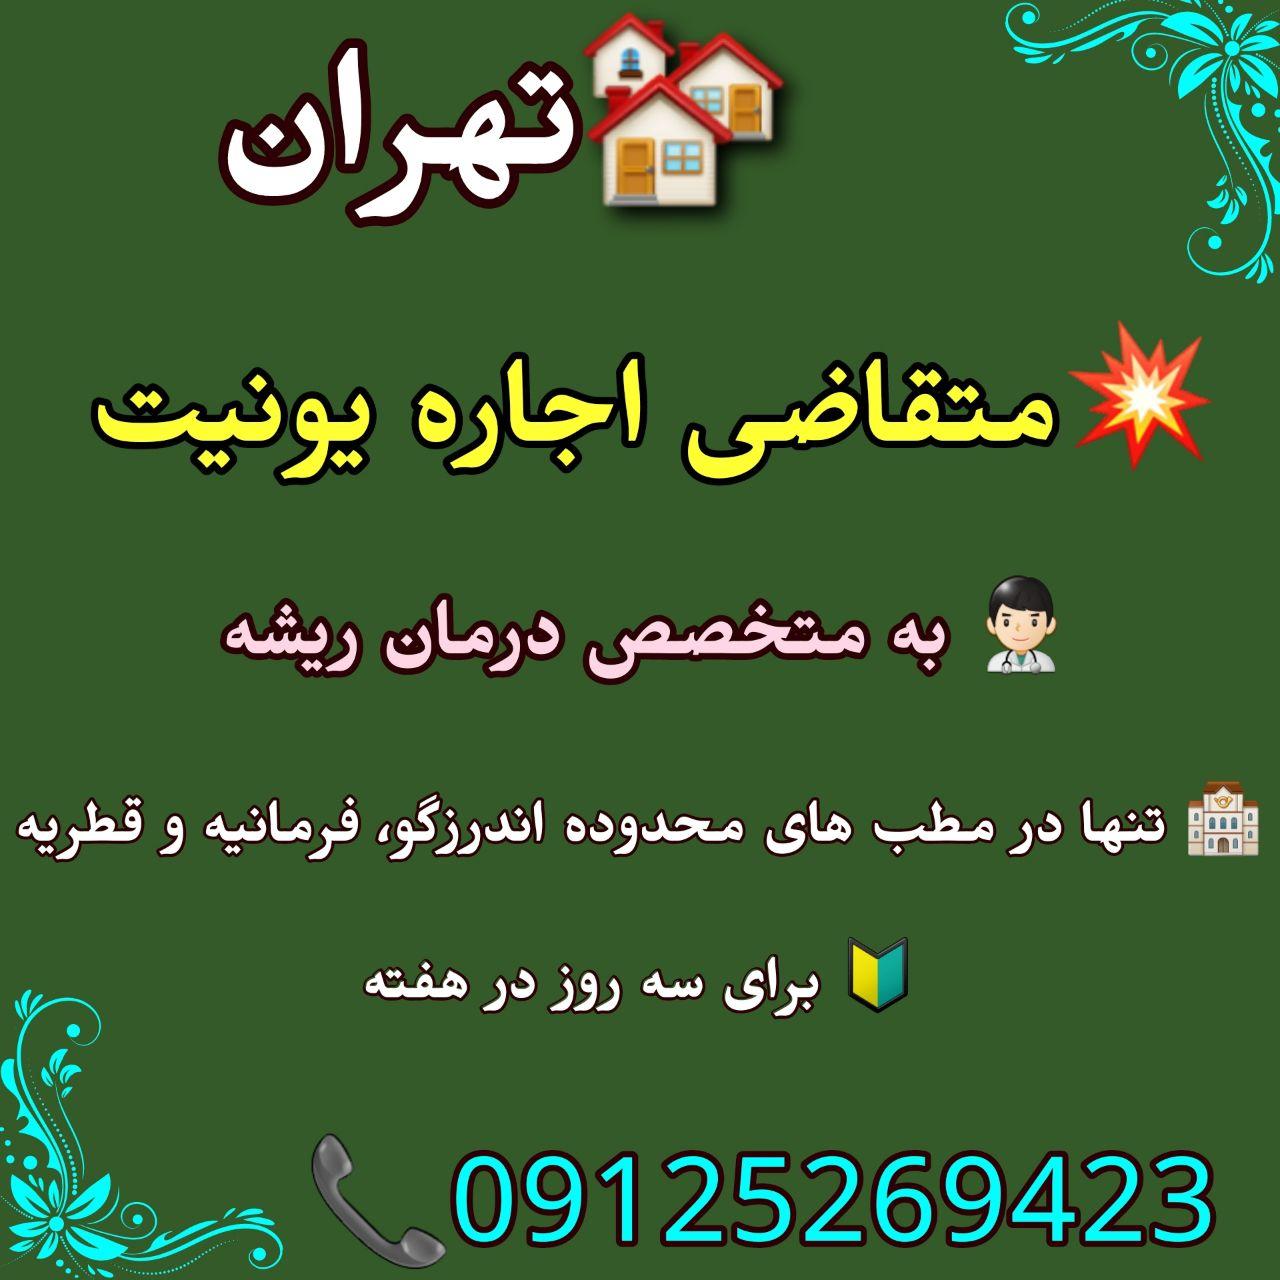 تهران: متقاضی اجاره یونیت